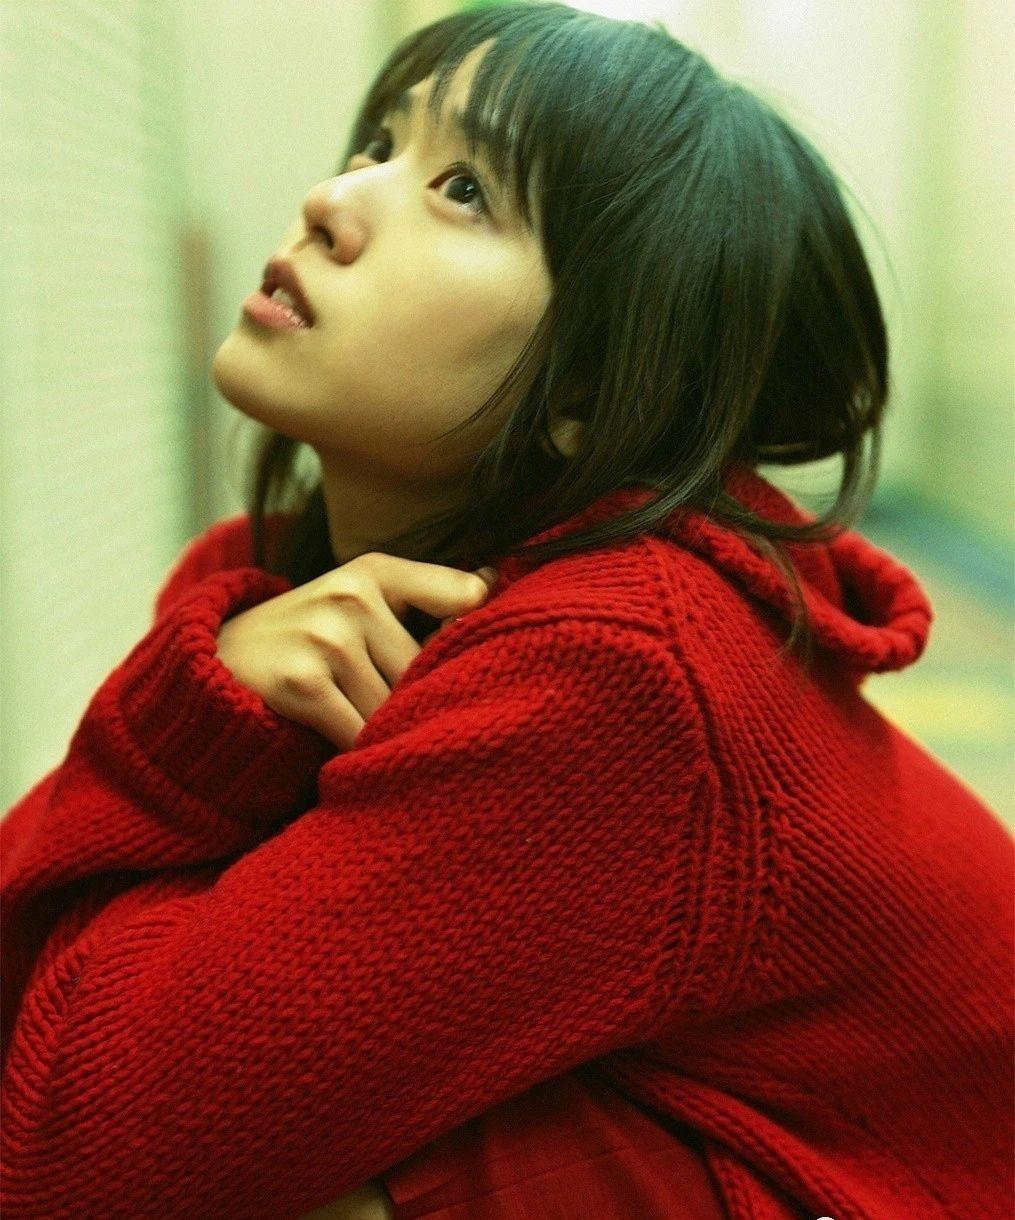 美的不可方物少女时代的户田惠梨香写真作品 (7)